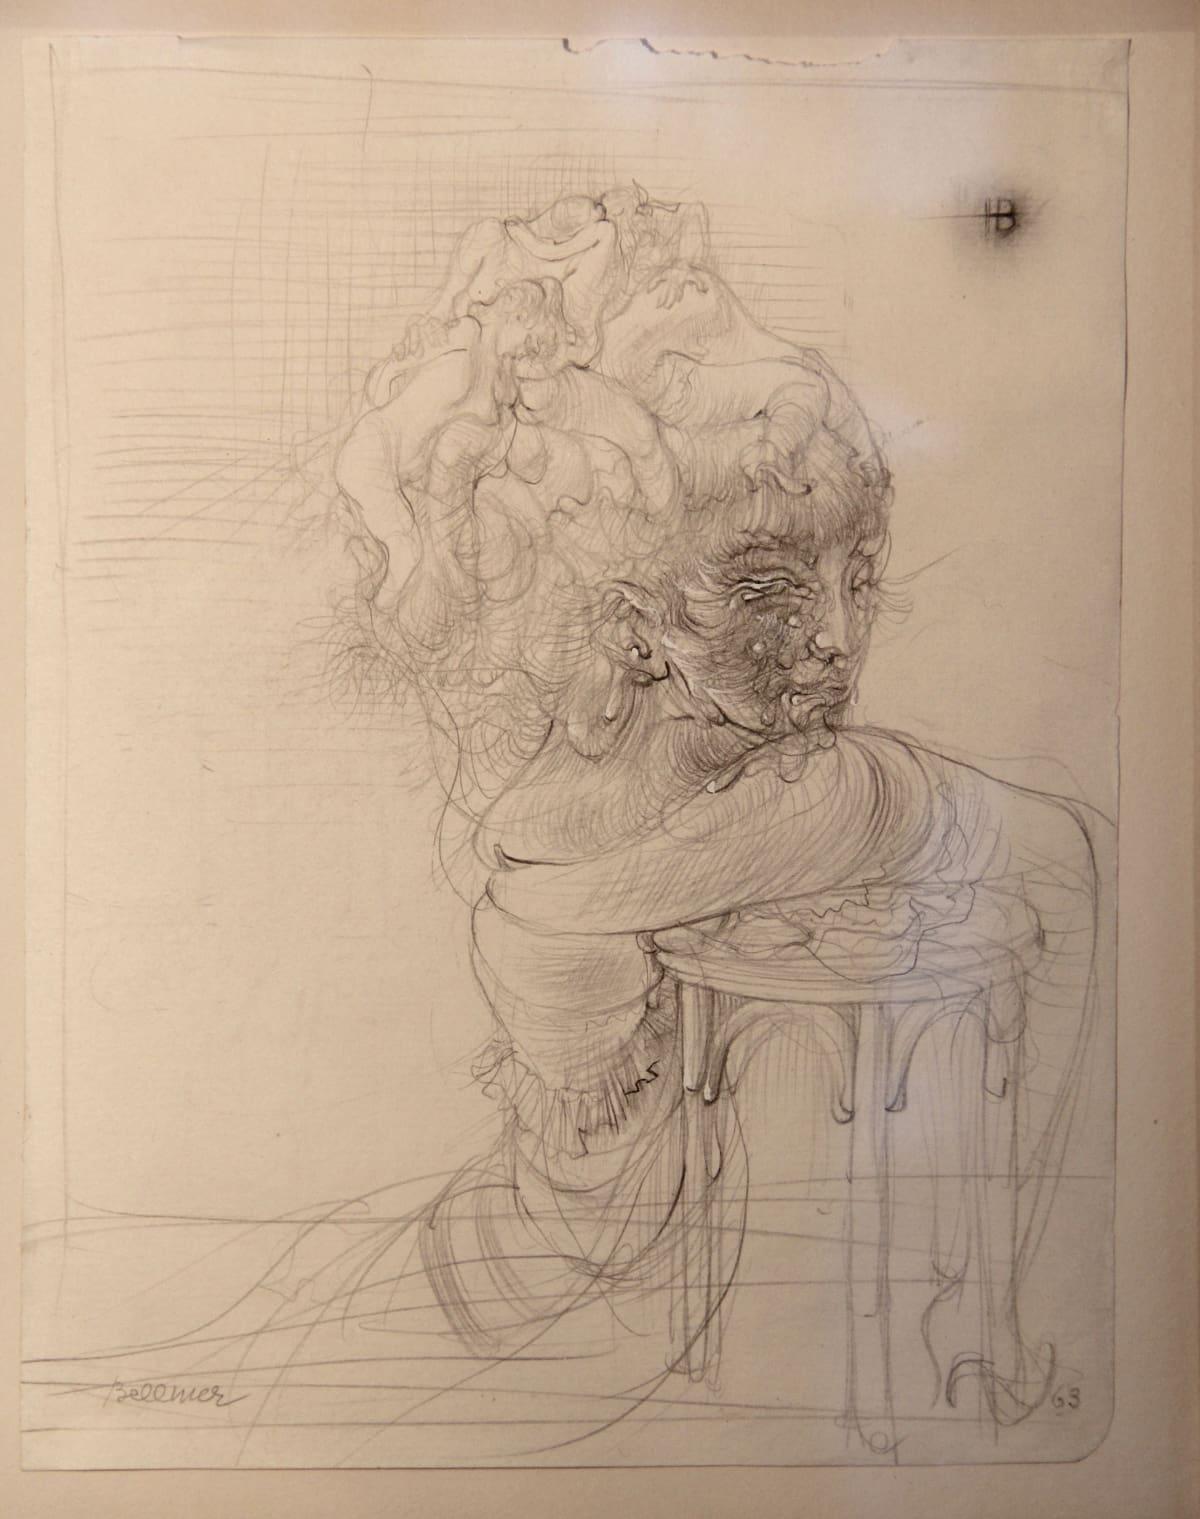 Hans BELLMER Sans titre, 1963